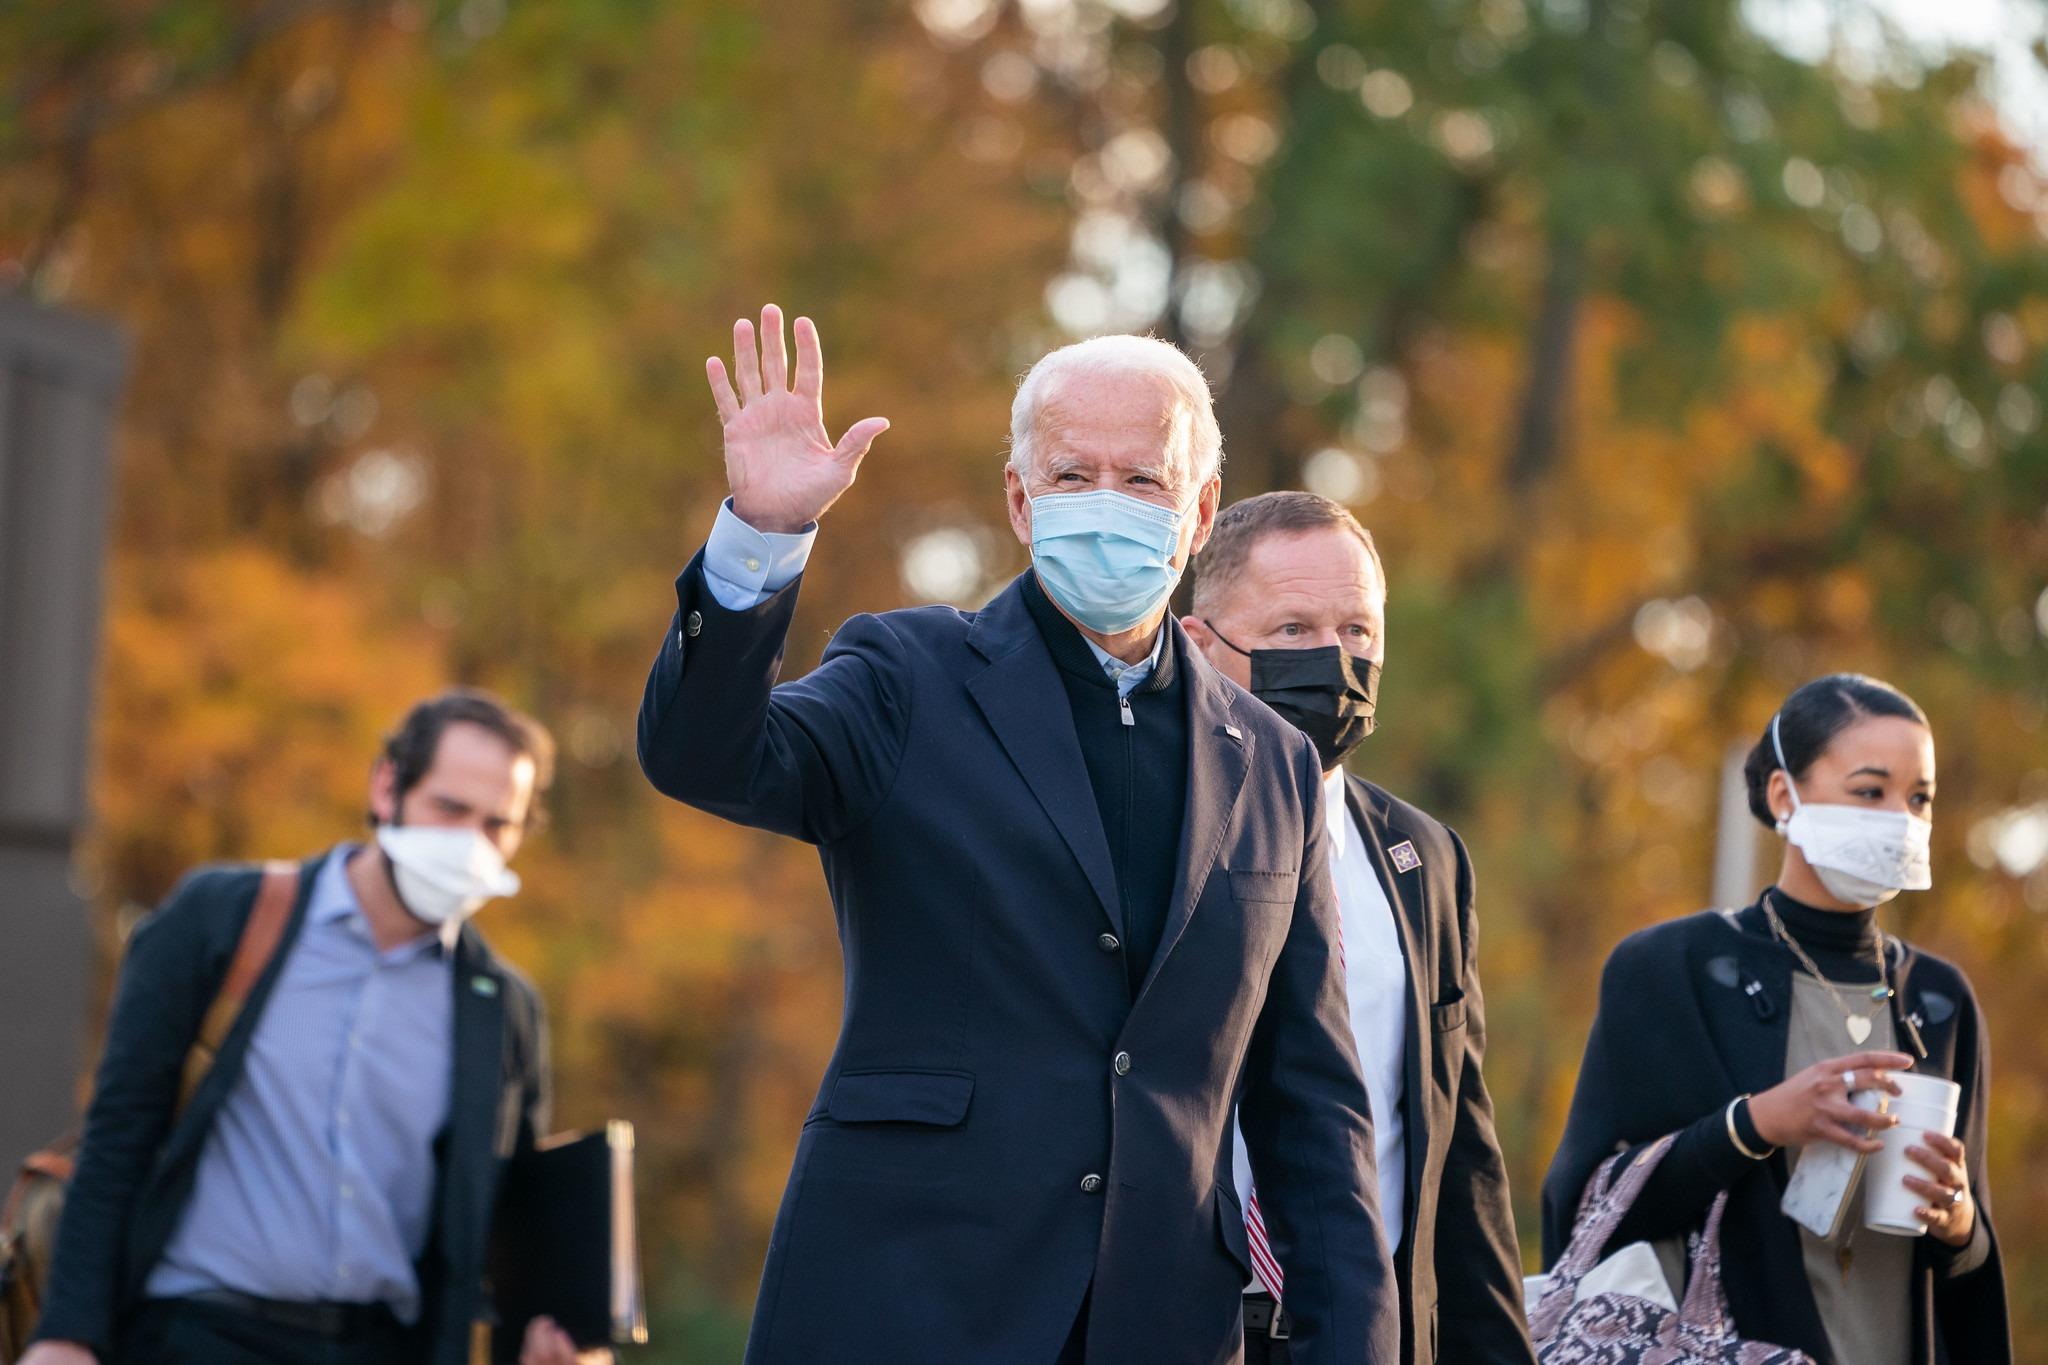 FOTO: Joe Biden/Facebook